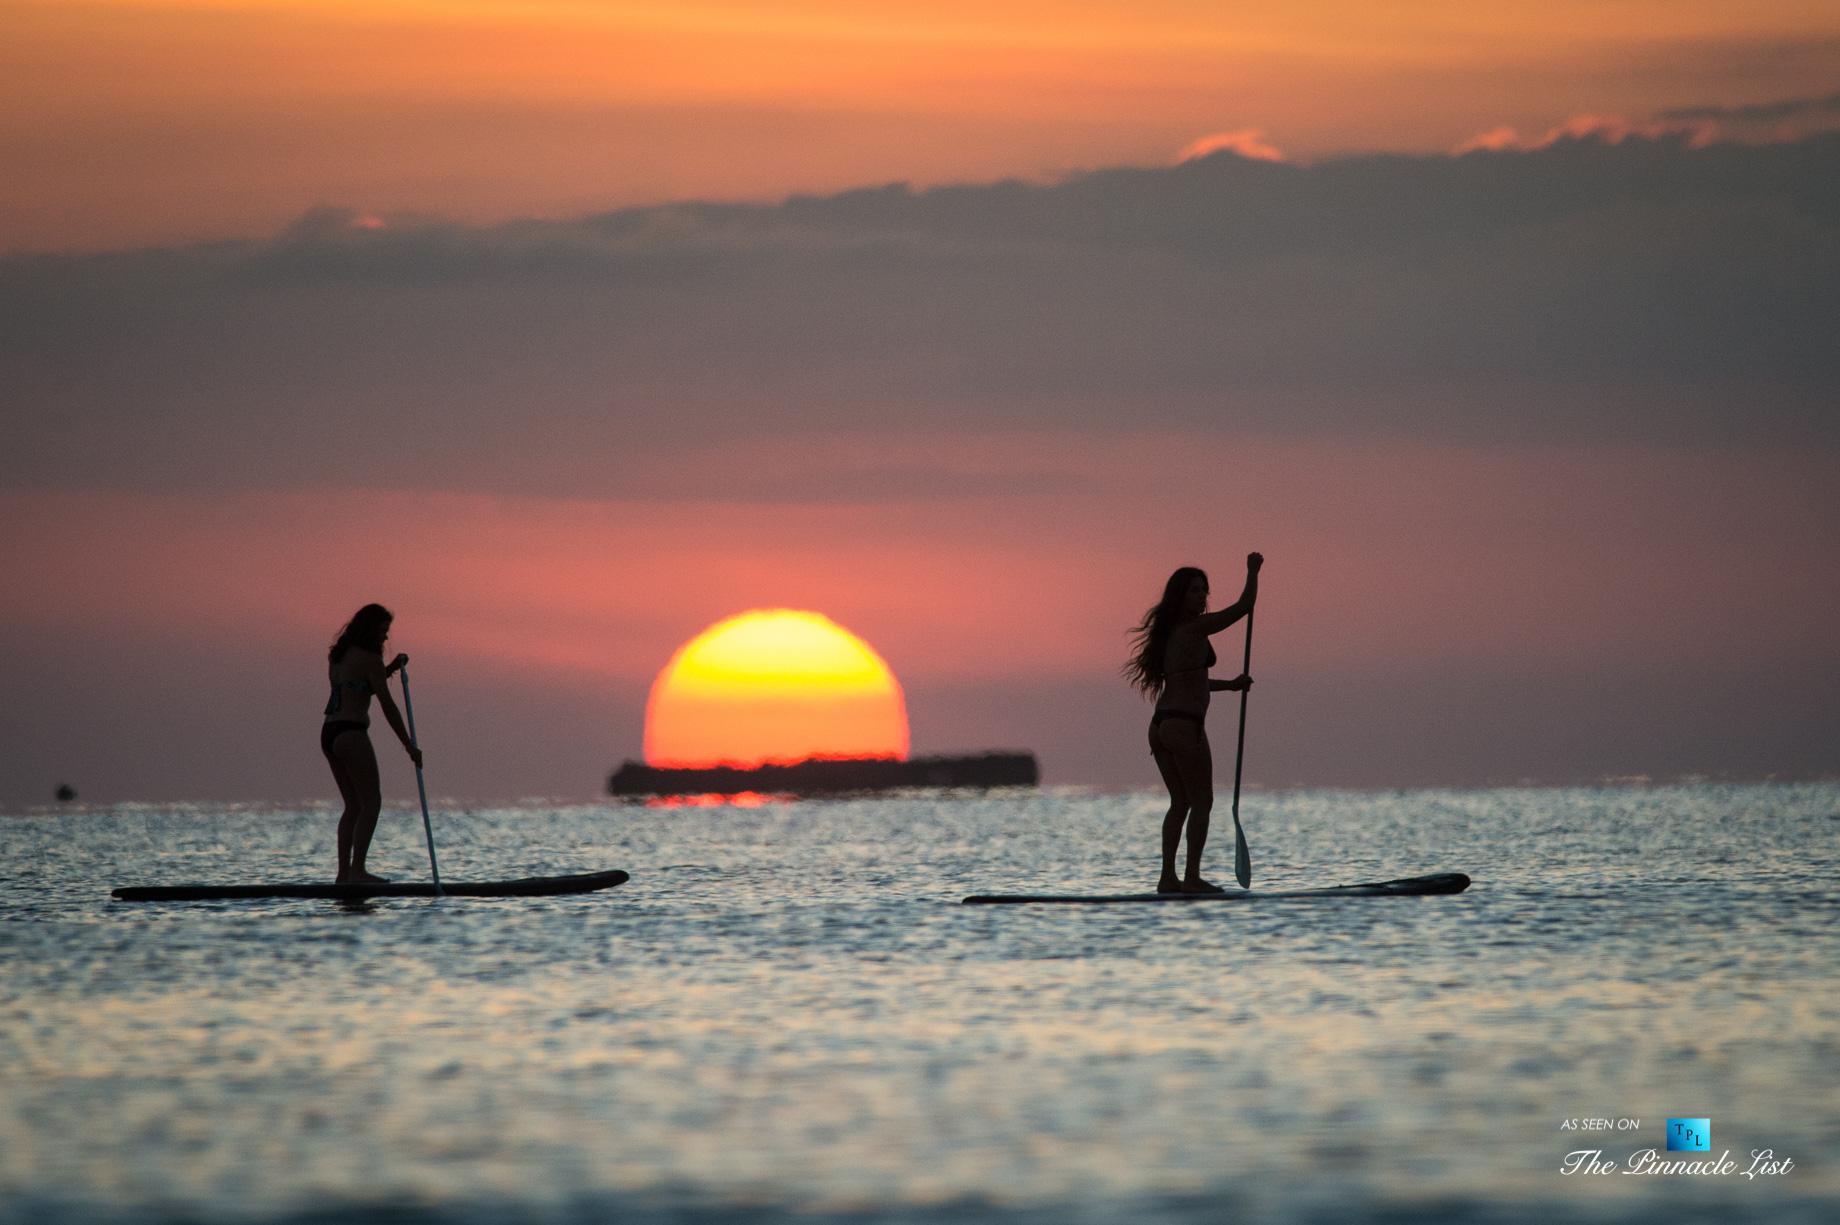 Tambor Tropical Beach Resort – Tambor, Puntarenas, Costa Rica – Sunset Paddle Boarding